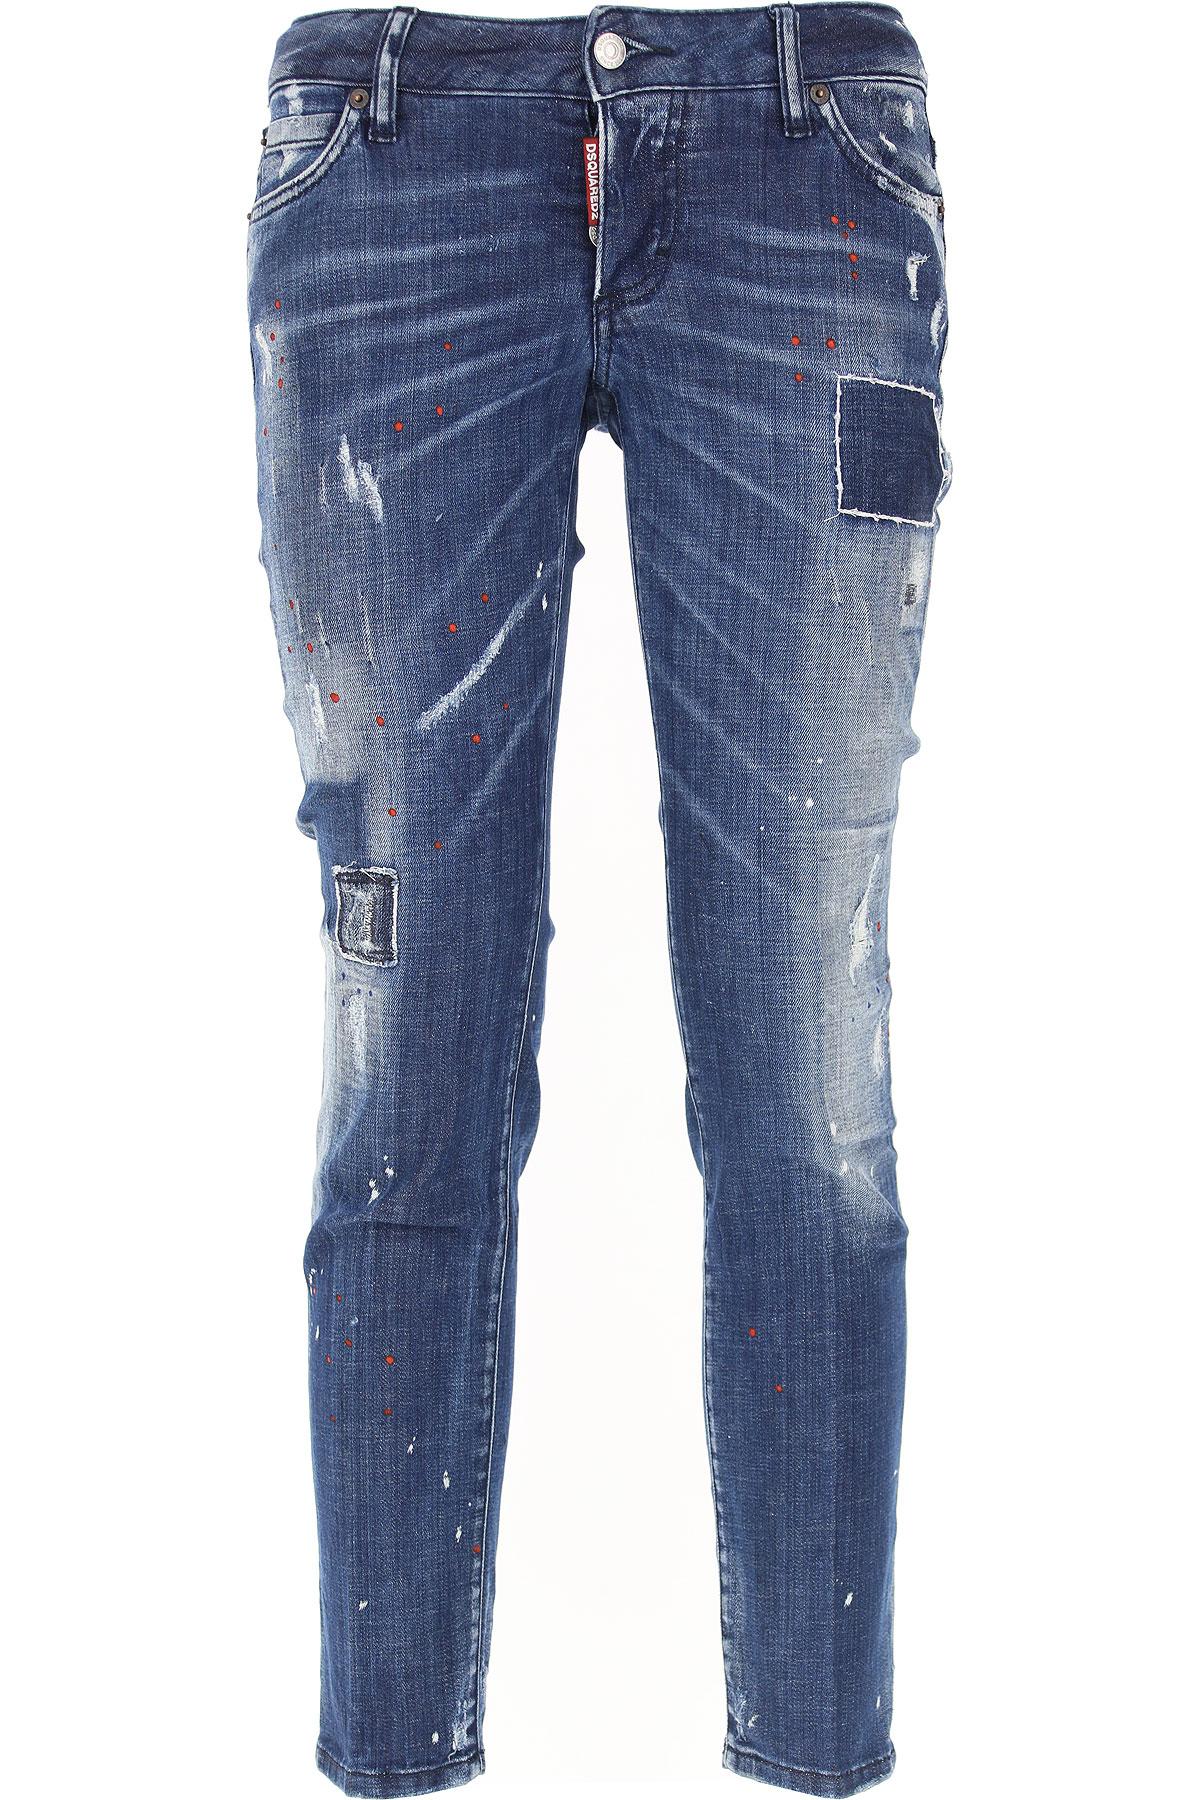 Dsquared2 Jeans On Sale, Blue Denim, Cotton, 2017, 24 26 28